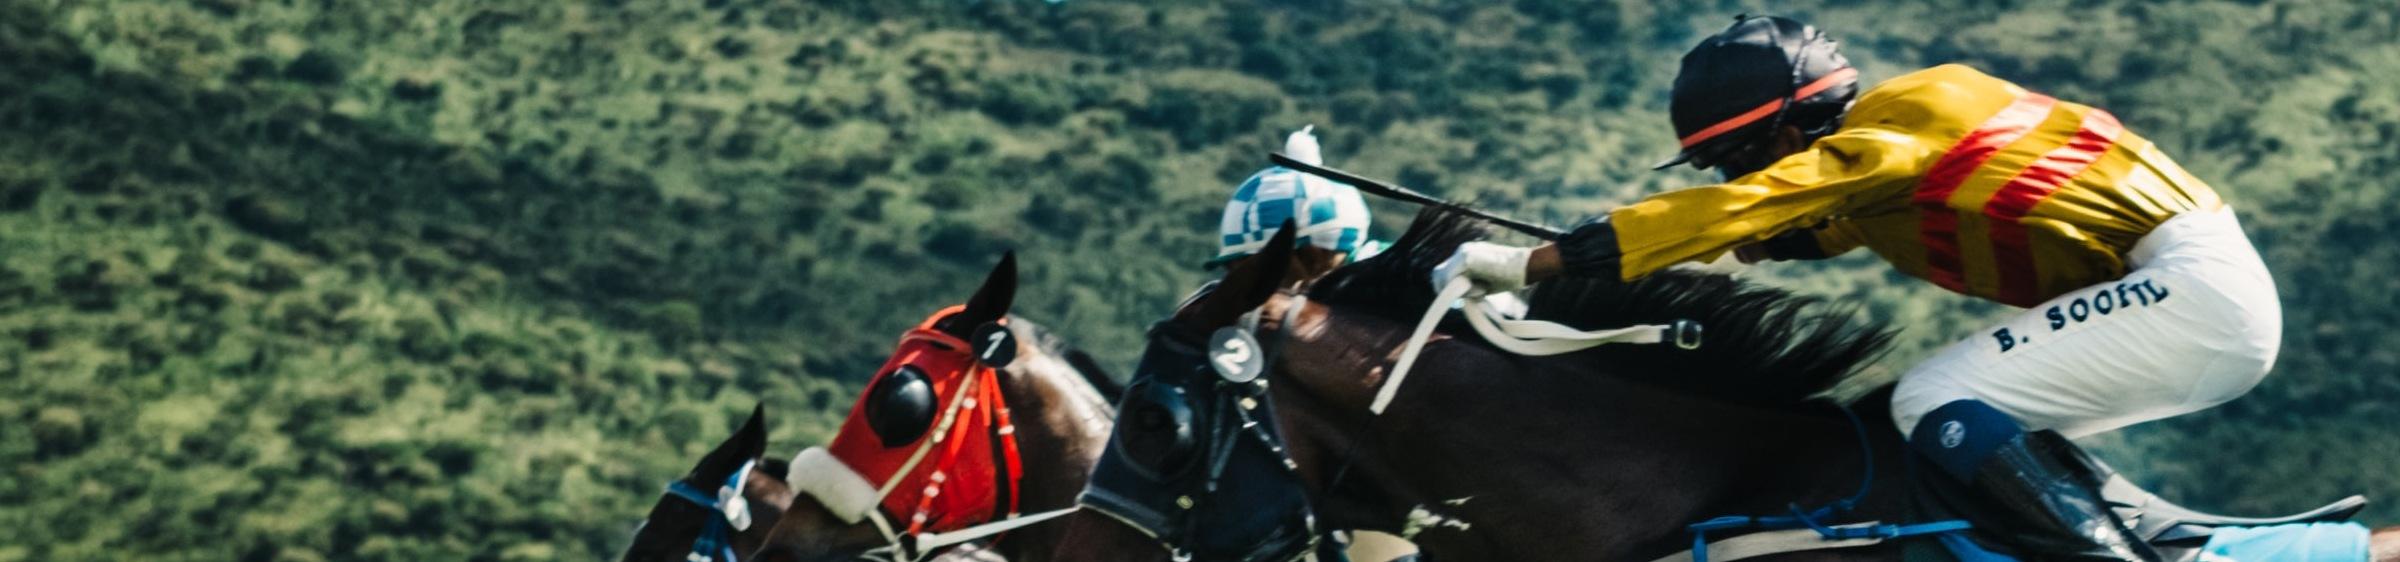 Jockies on Horses racing